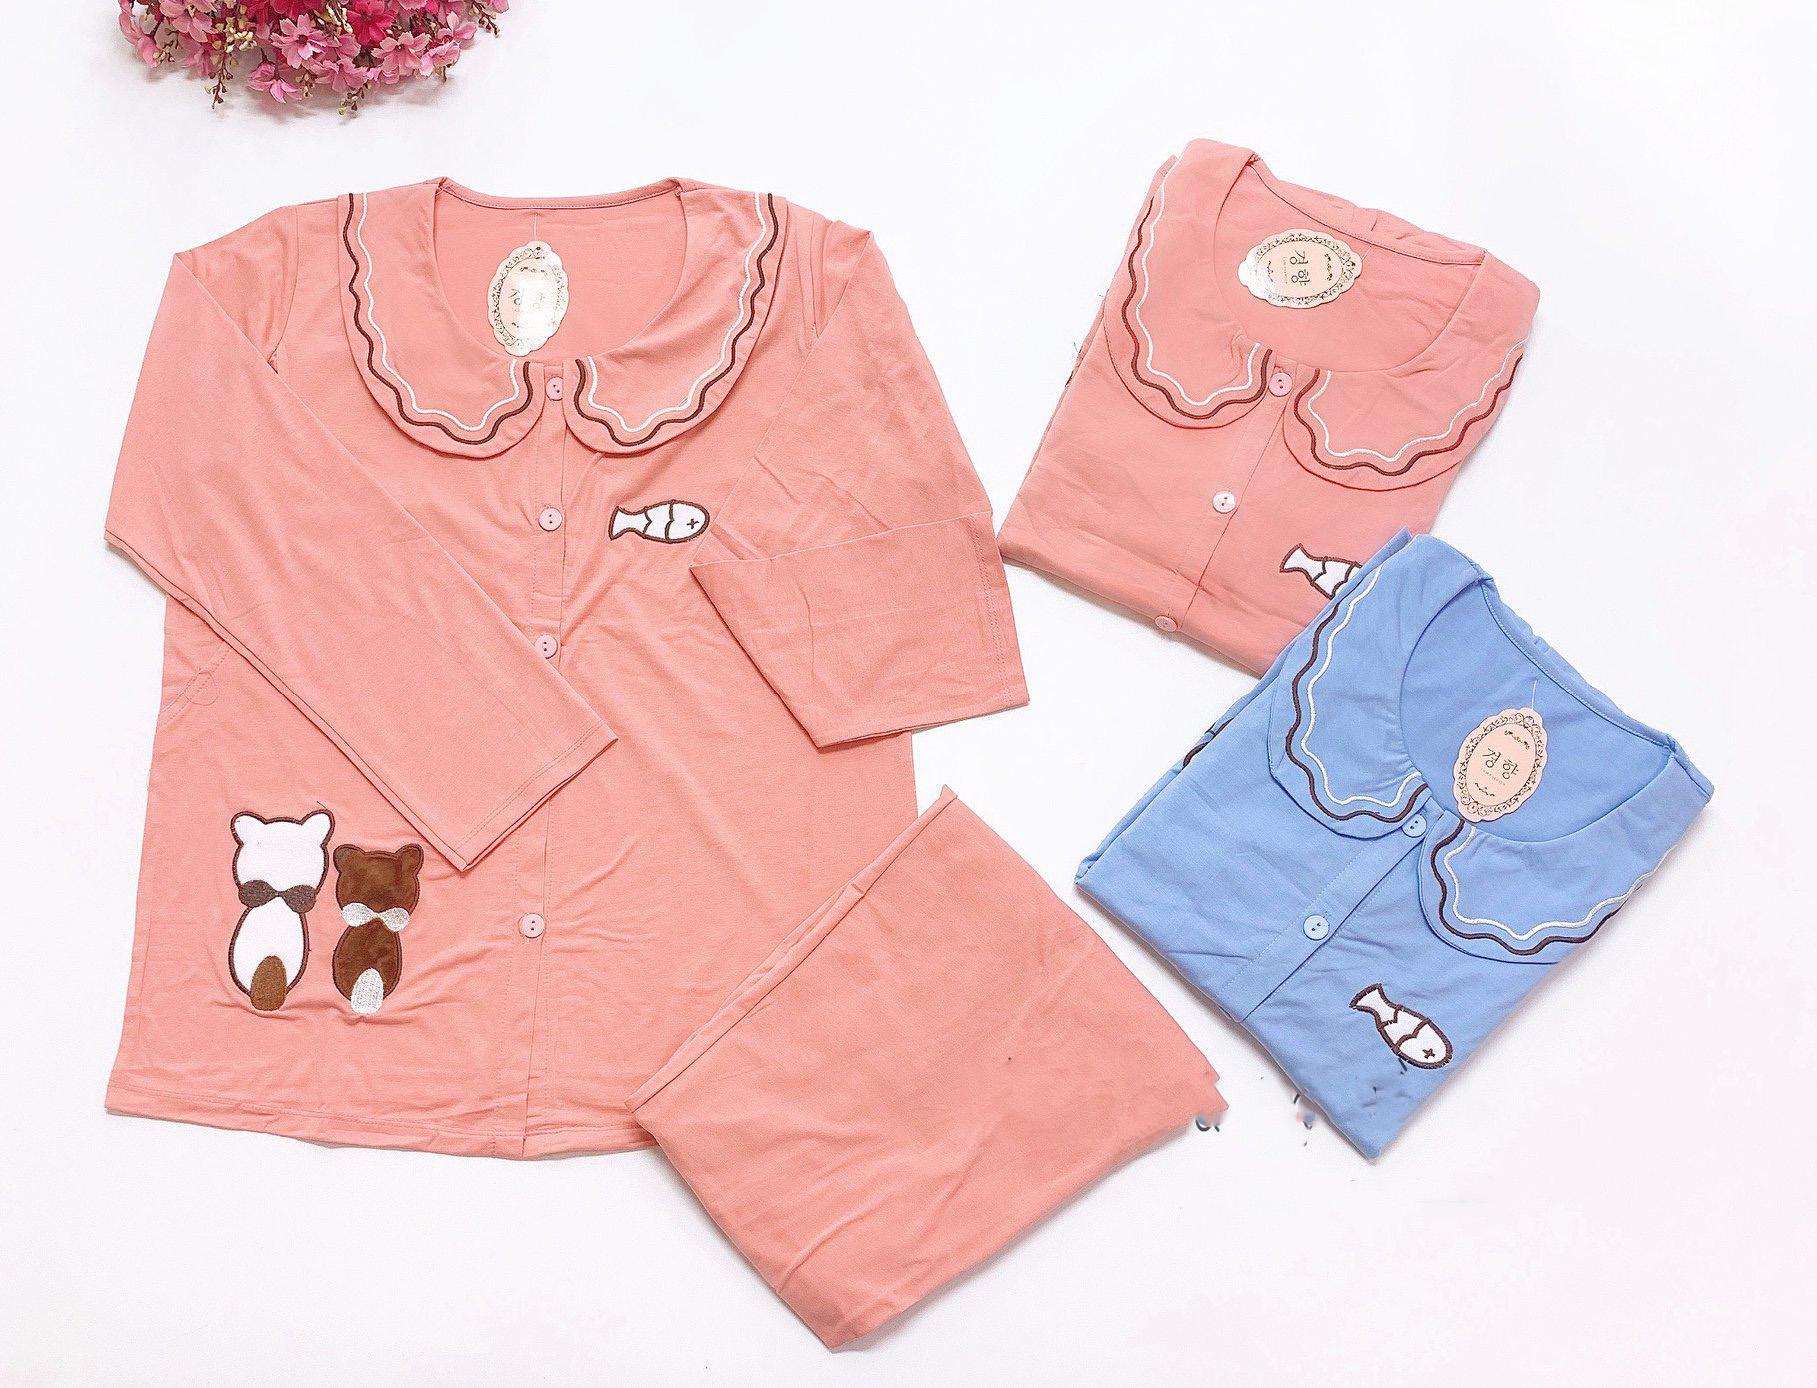 Quần áo bầu và sau sinh cotton, Bộ mặc nhà bầu sau sinh dài tay